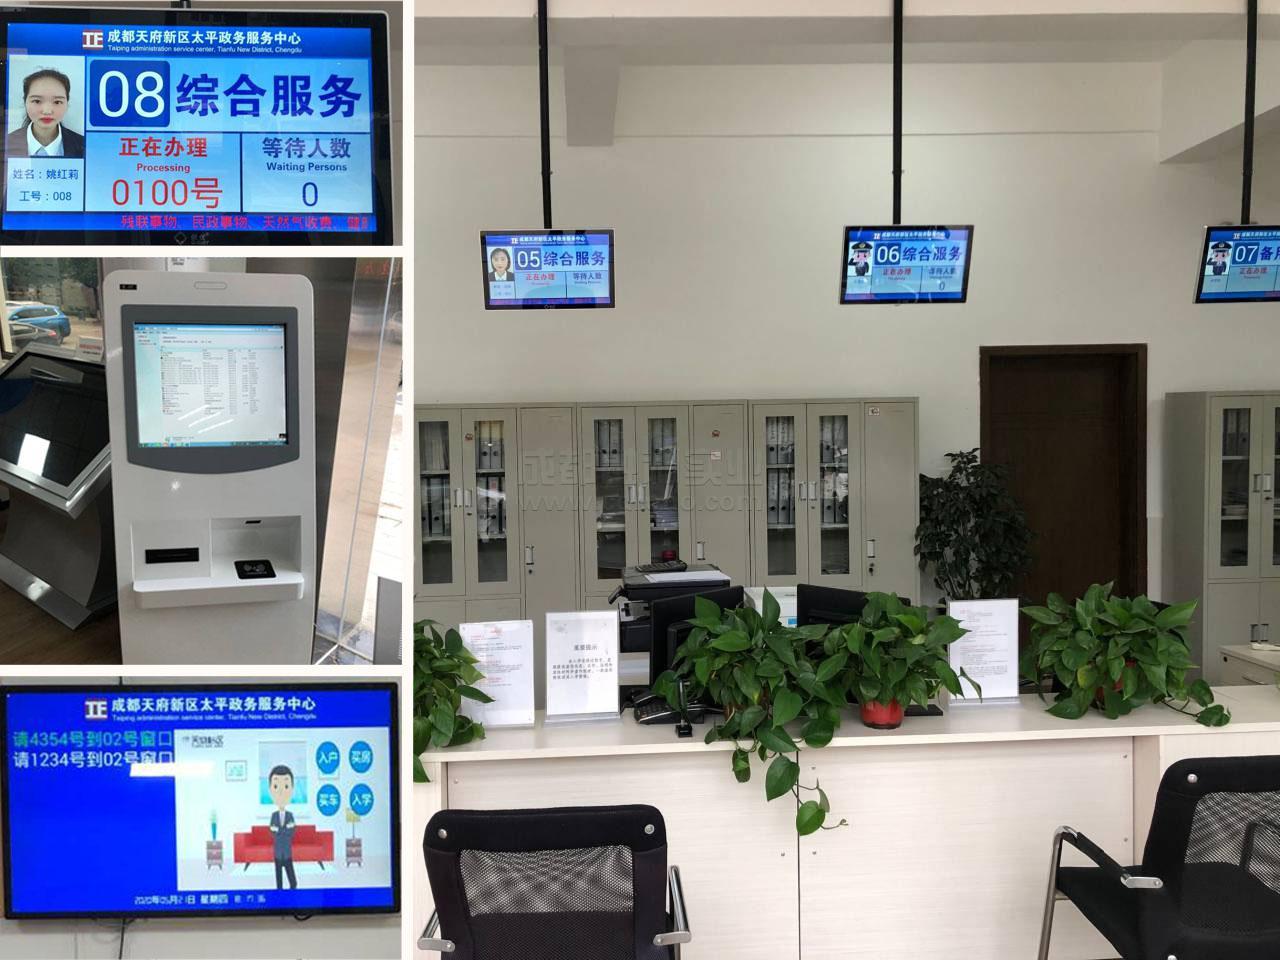 政务智慧服务大厅排队系统安装